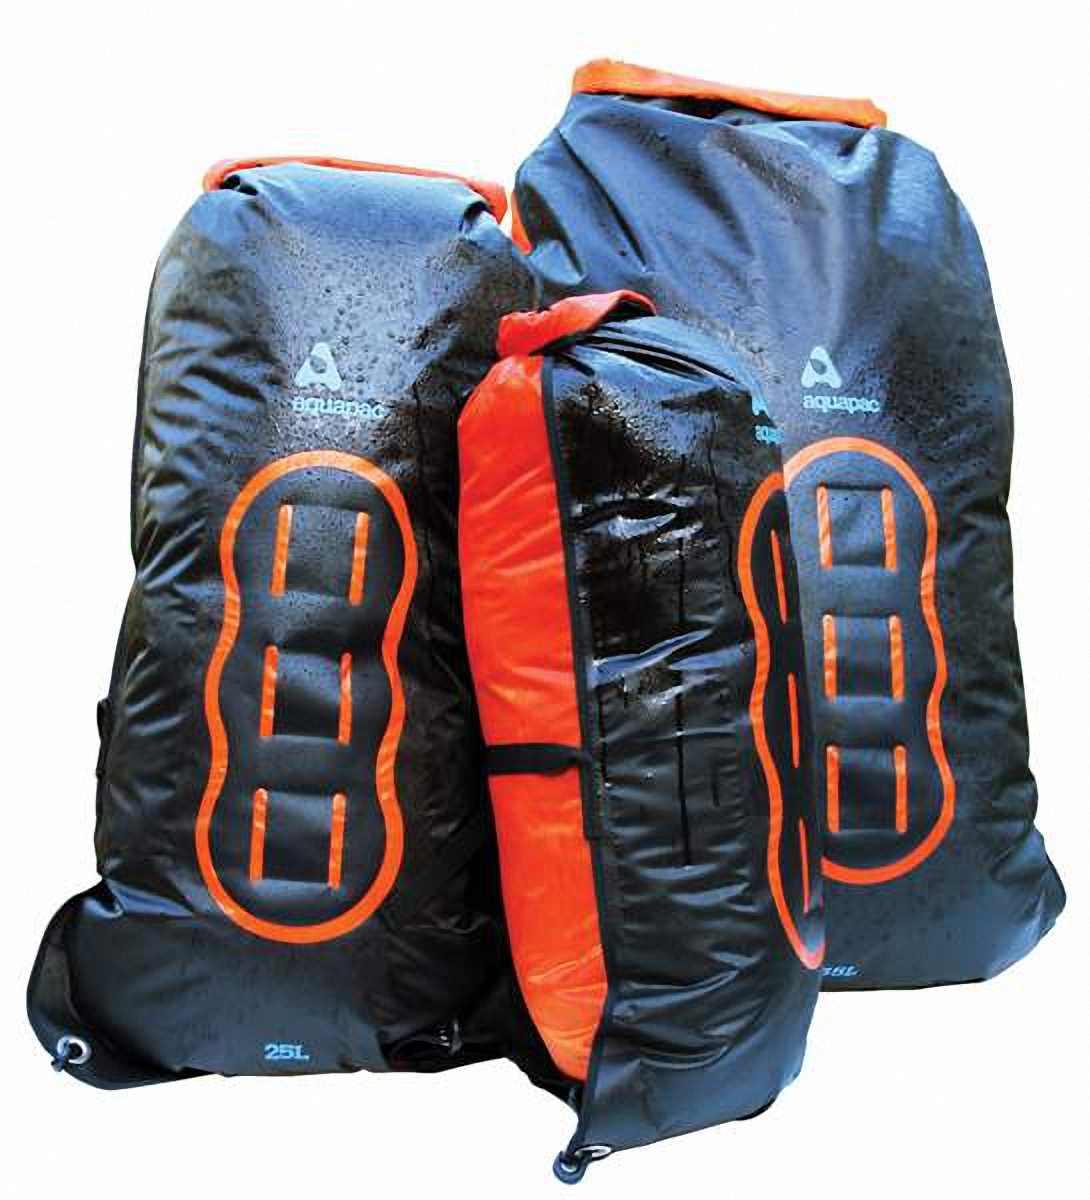 Водонепроницаемый  гермомешок-рюкзак (с двумя плечевыми ремнями) Aquapac 755 - Noatak Wet & Drybag - 35L.. Aquapac - №1 в мире водонепроницаемых чехлов и сумок. Фото 4